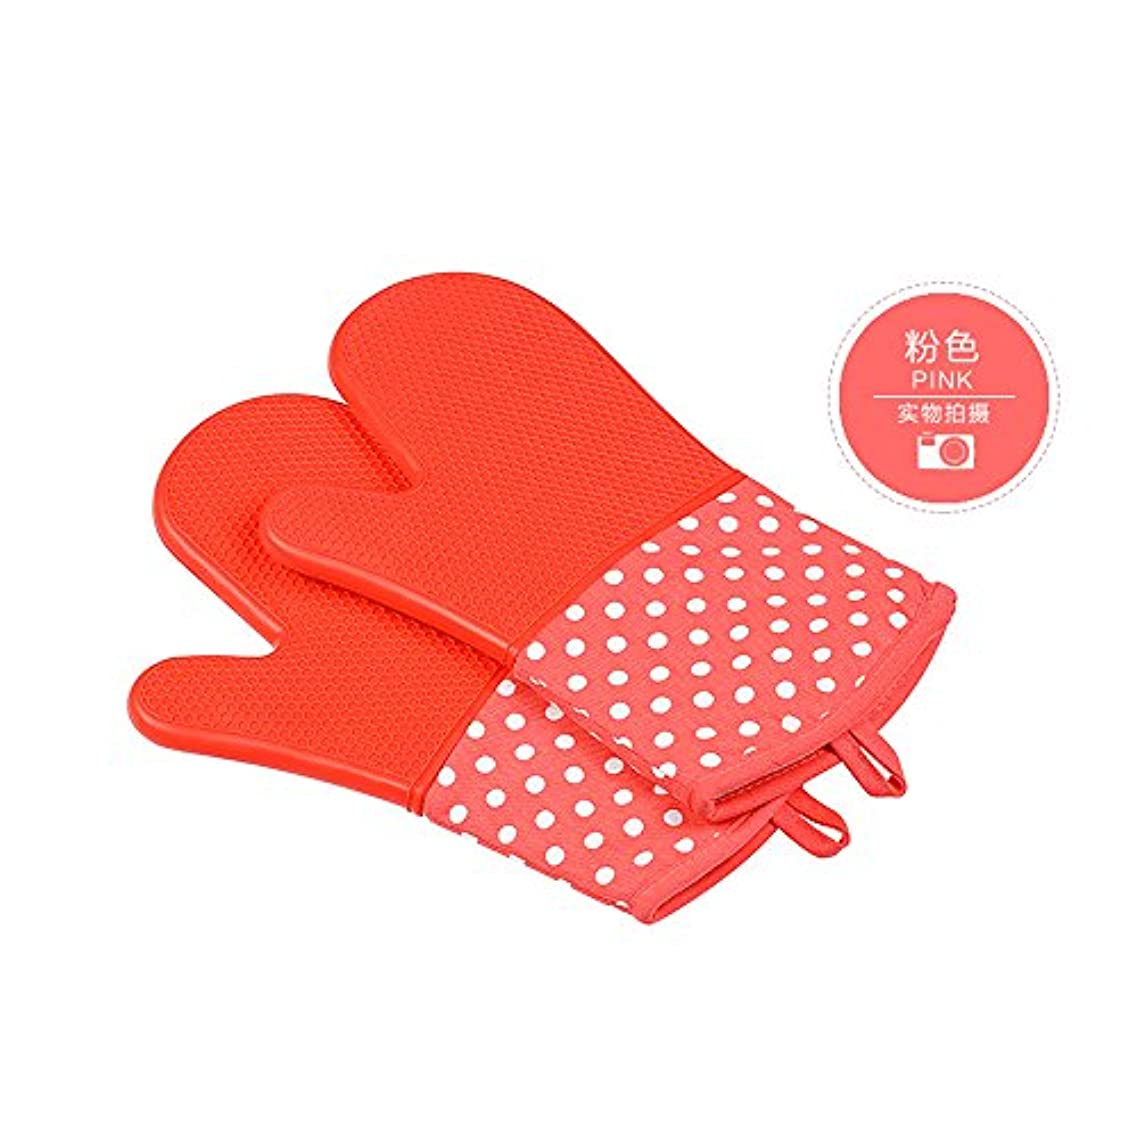 アヒル右荒らすJOOP【2個セット】【シリコンベーキング手袋】【バーベキュー手袋】【キッチン電子レンジの手袋】【オーブン断熱手袋】【300の加熱温度極値】【7色】 (ピンク)